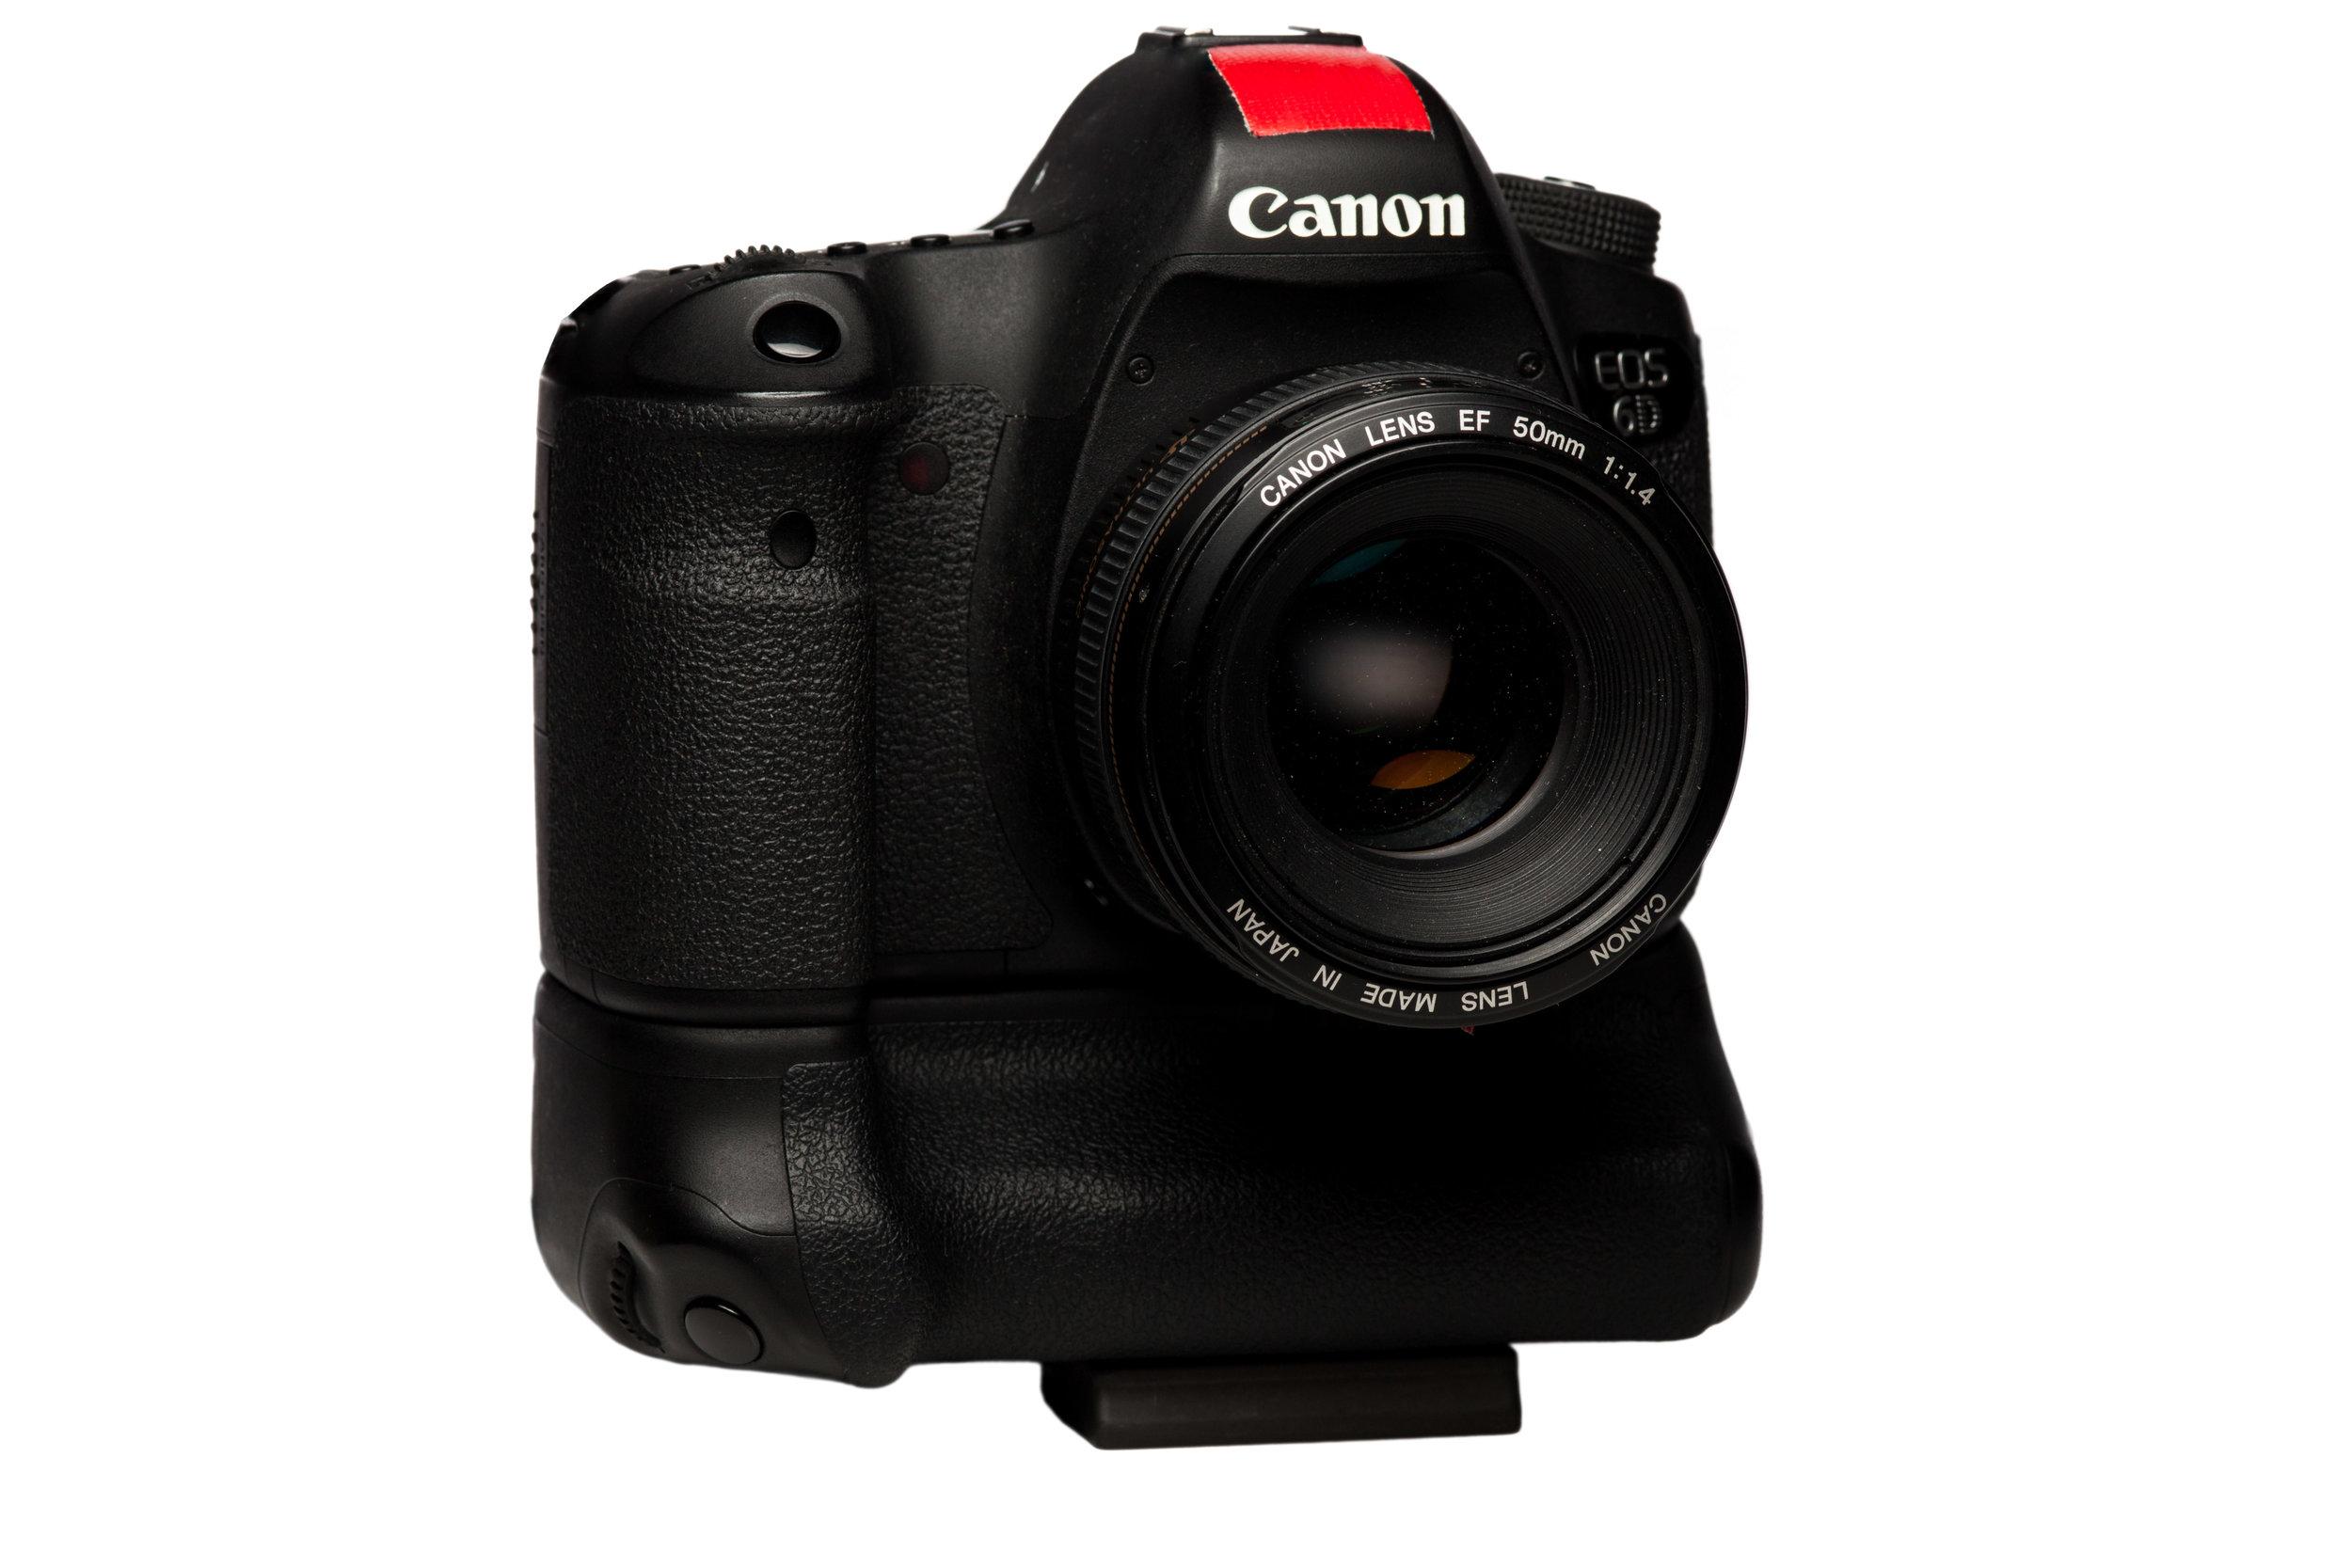 Meine eigene Canon 6D (erkennbar an der roten Markierung) - eine großartige Kamera die mir stets die Arbeit erleichtert hat und sehr zuverlässig ist. Sie ist mein Arbeitstier für Fotos.